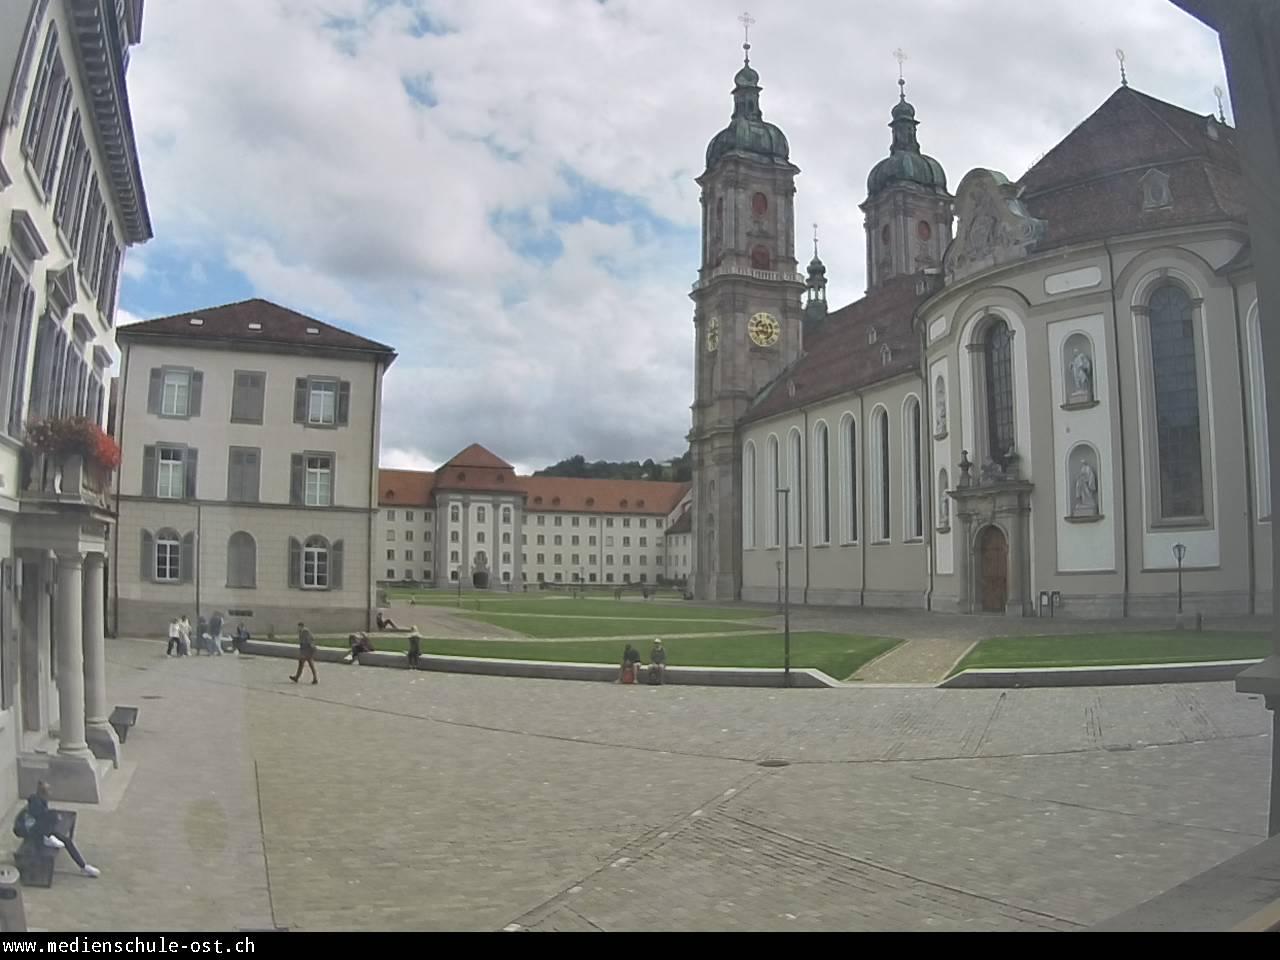 St. Gallen Do. 12:46